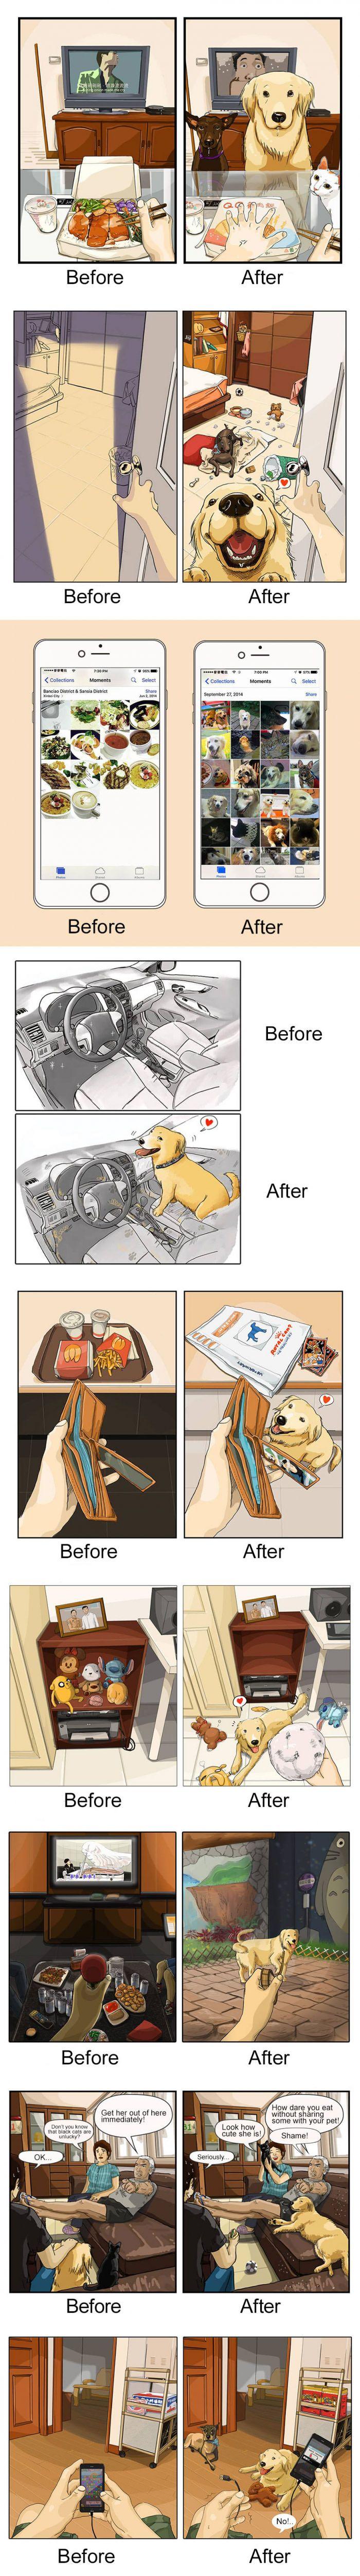 La vida antes y después de tener un perro.